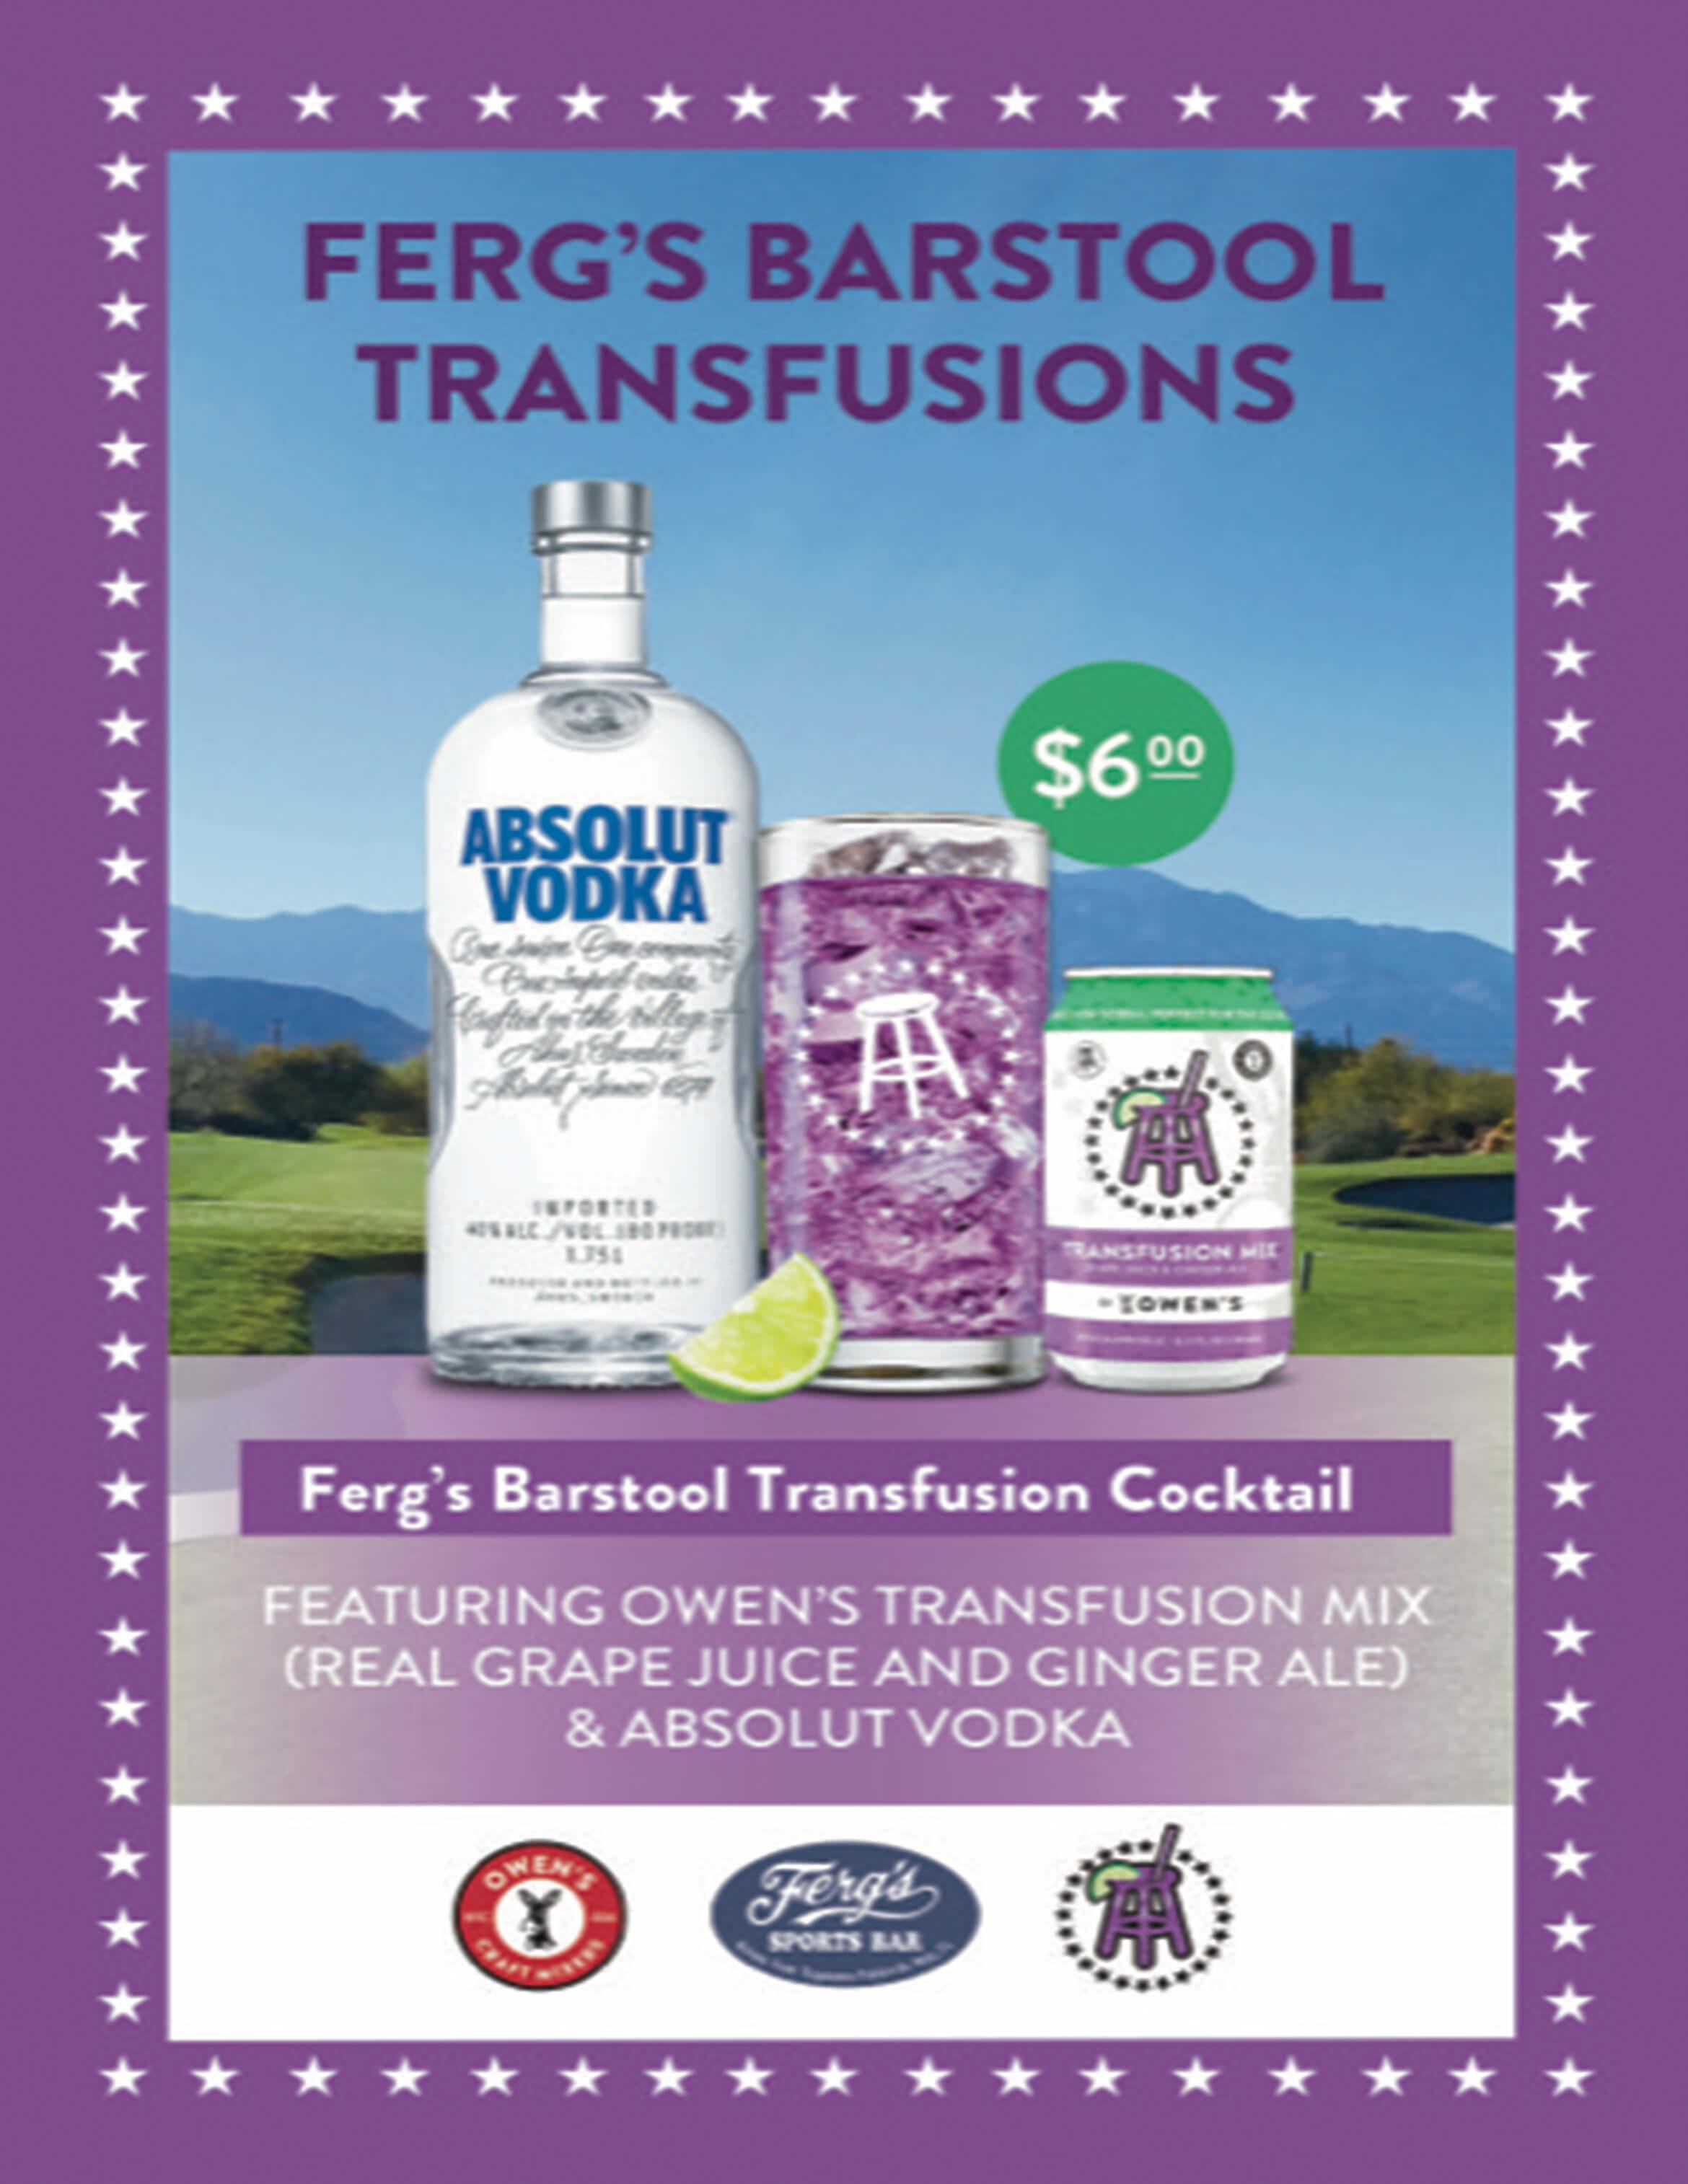 Ferg's Barstool Transfusions